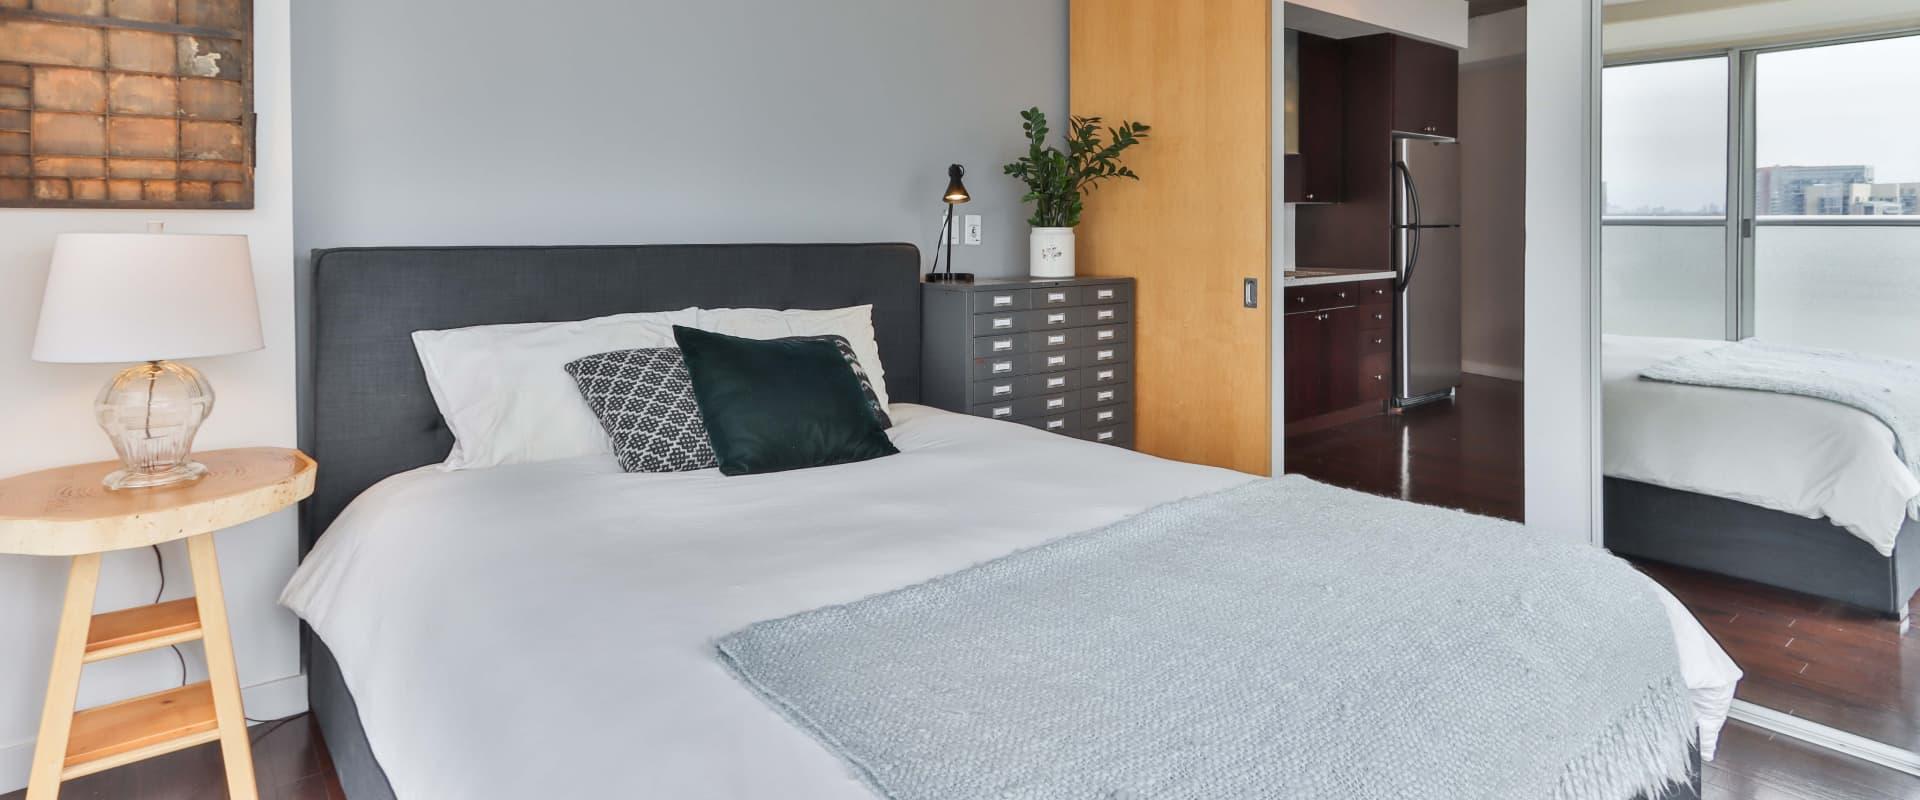 custom beds dublin